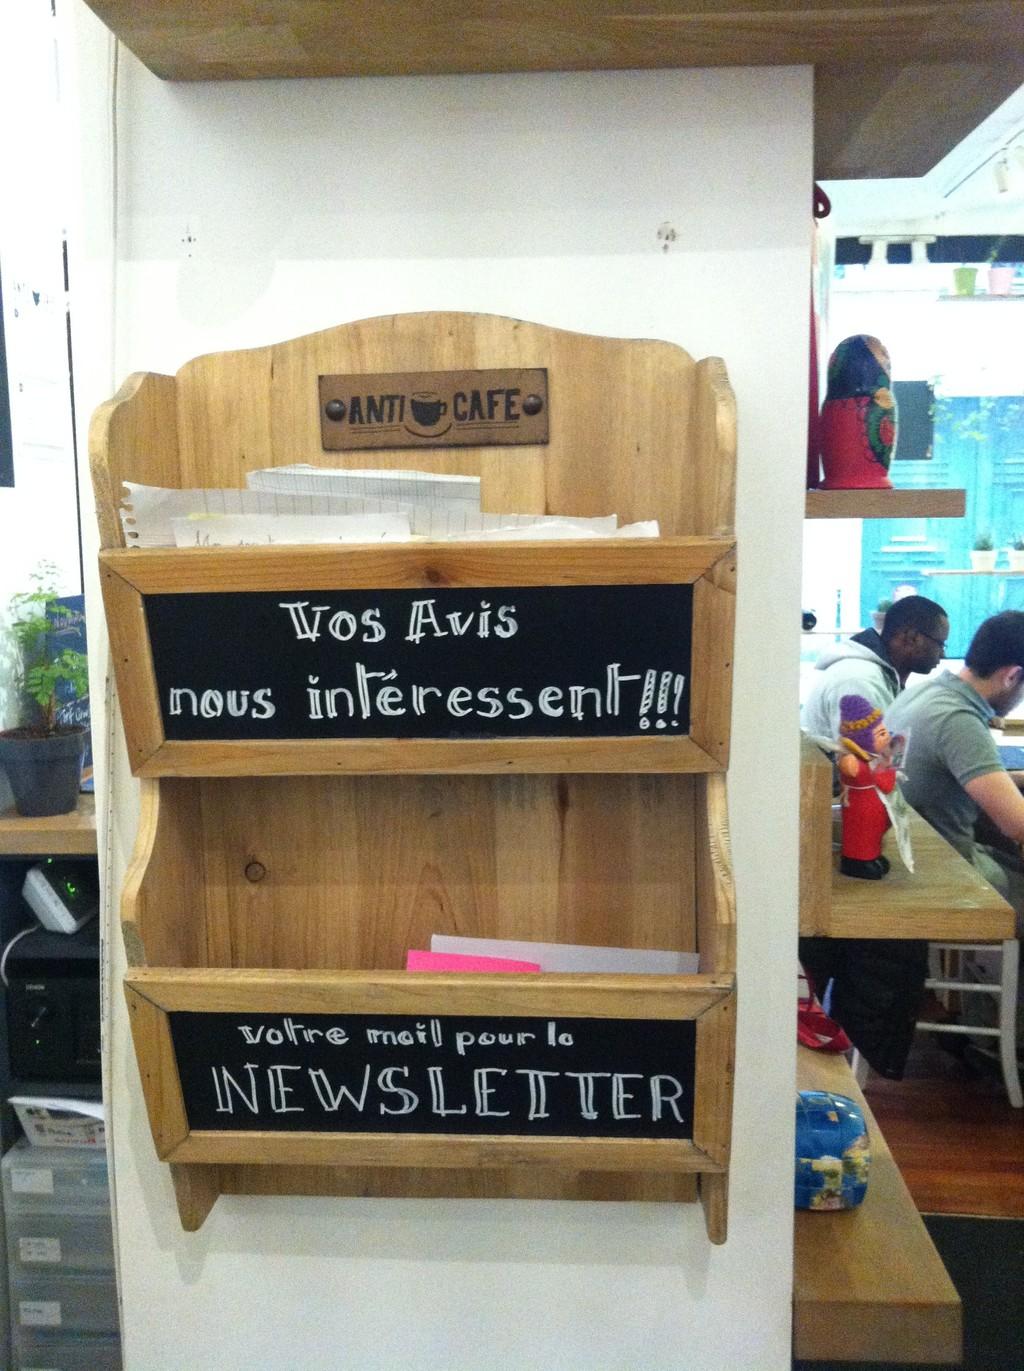 Anticafé Paris | Pozycja obowiązkowa